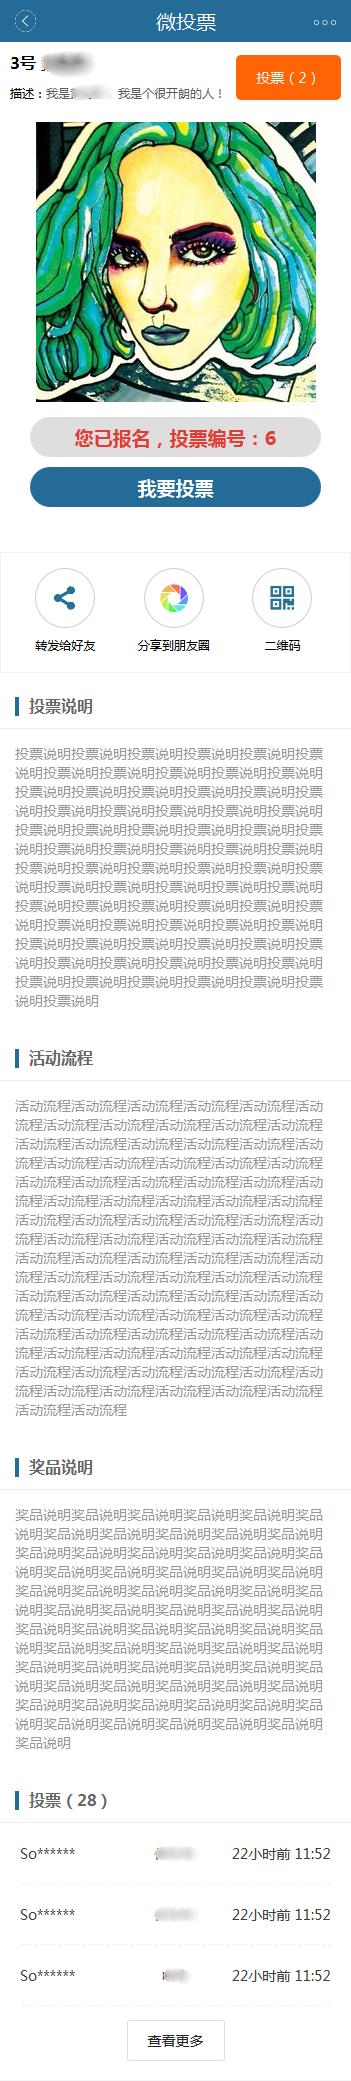 说明: C:\Users\Administrator\AppData\Roaming\Tencent\QQ\Temp\6E19C7B0B366451890F1ECA79E722C90.png